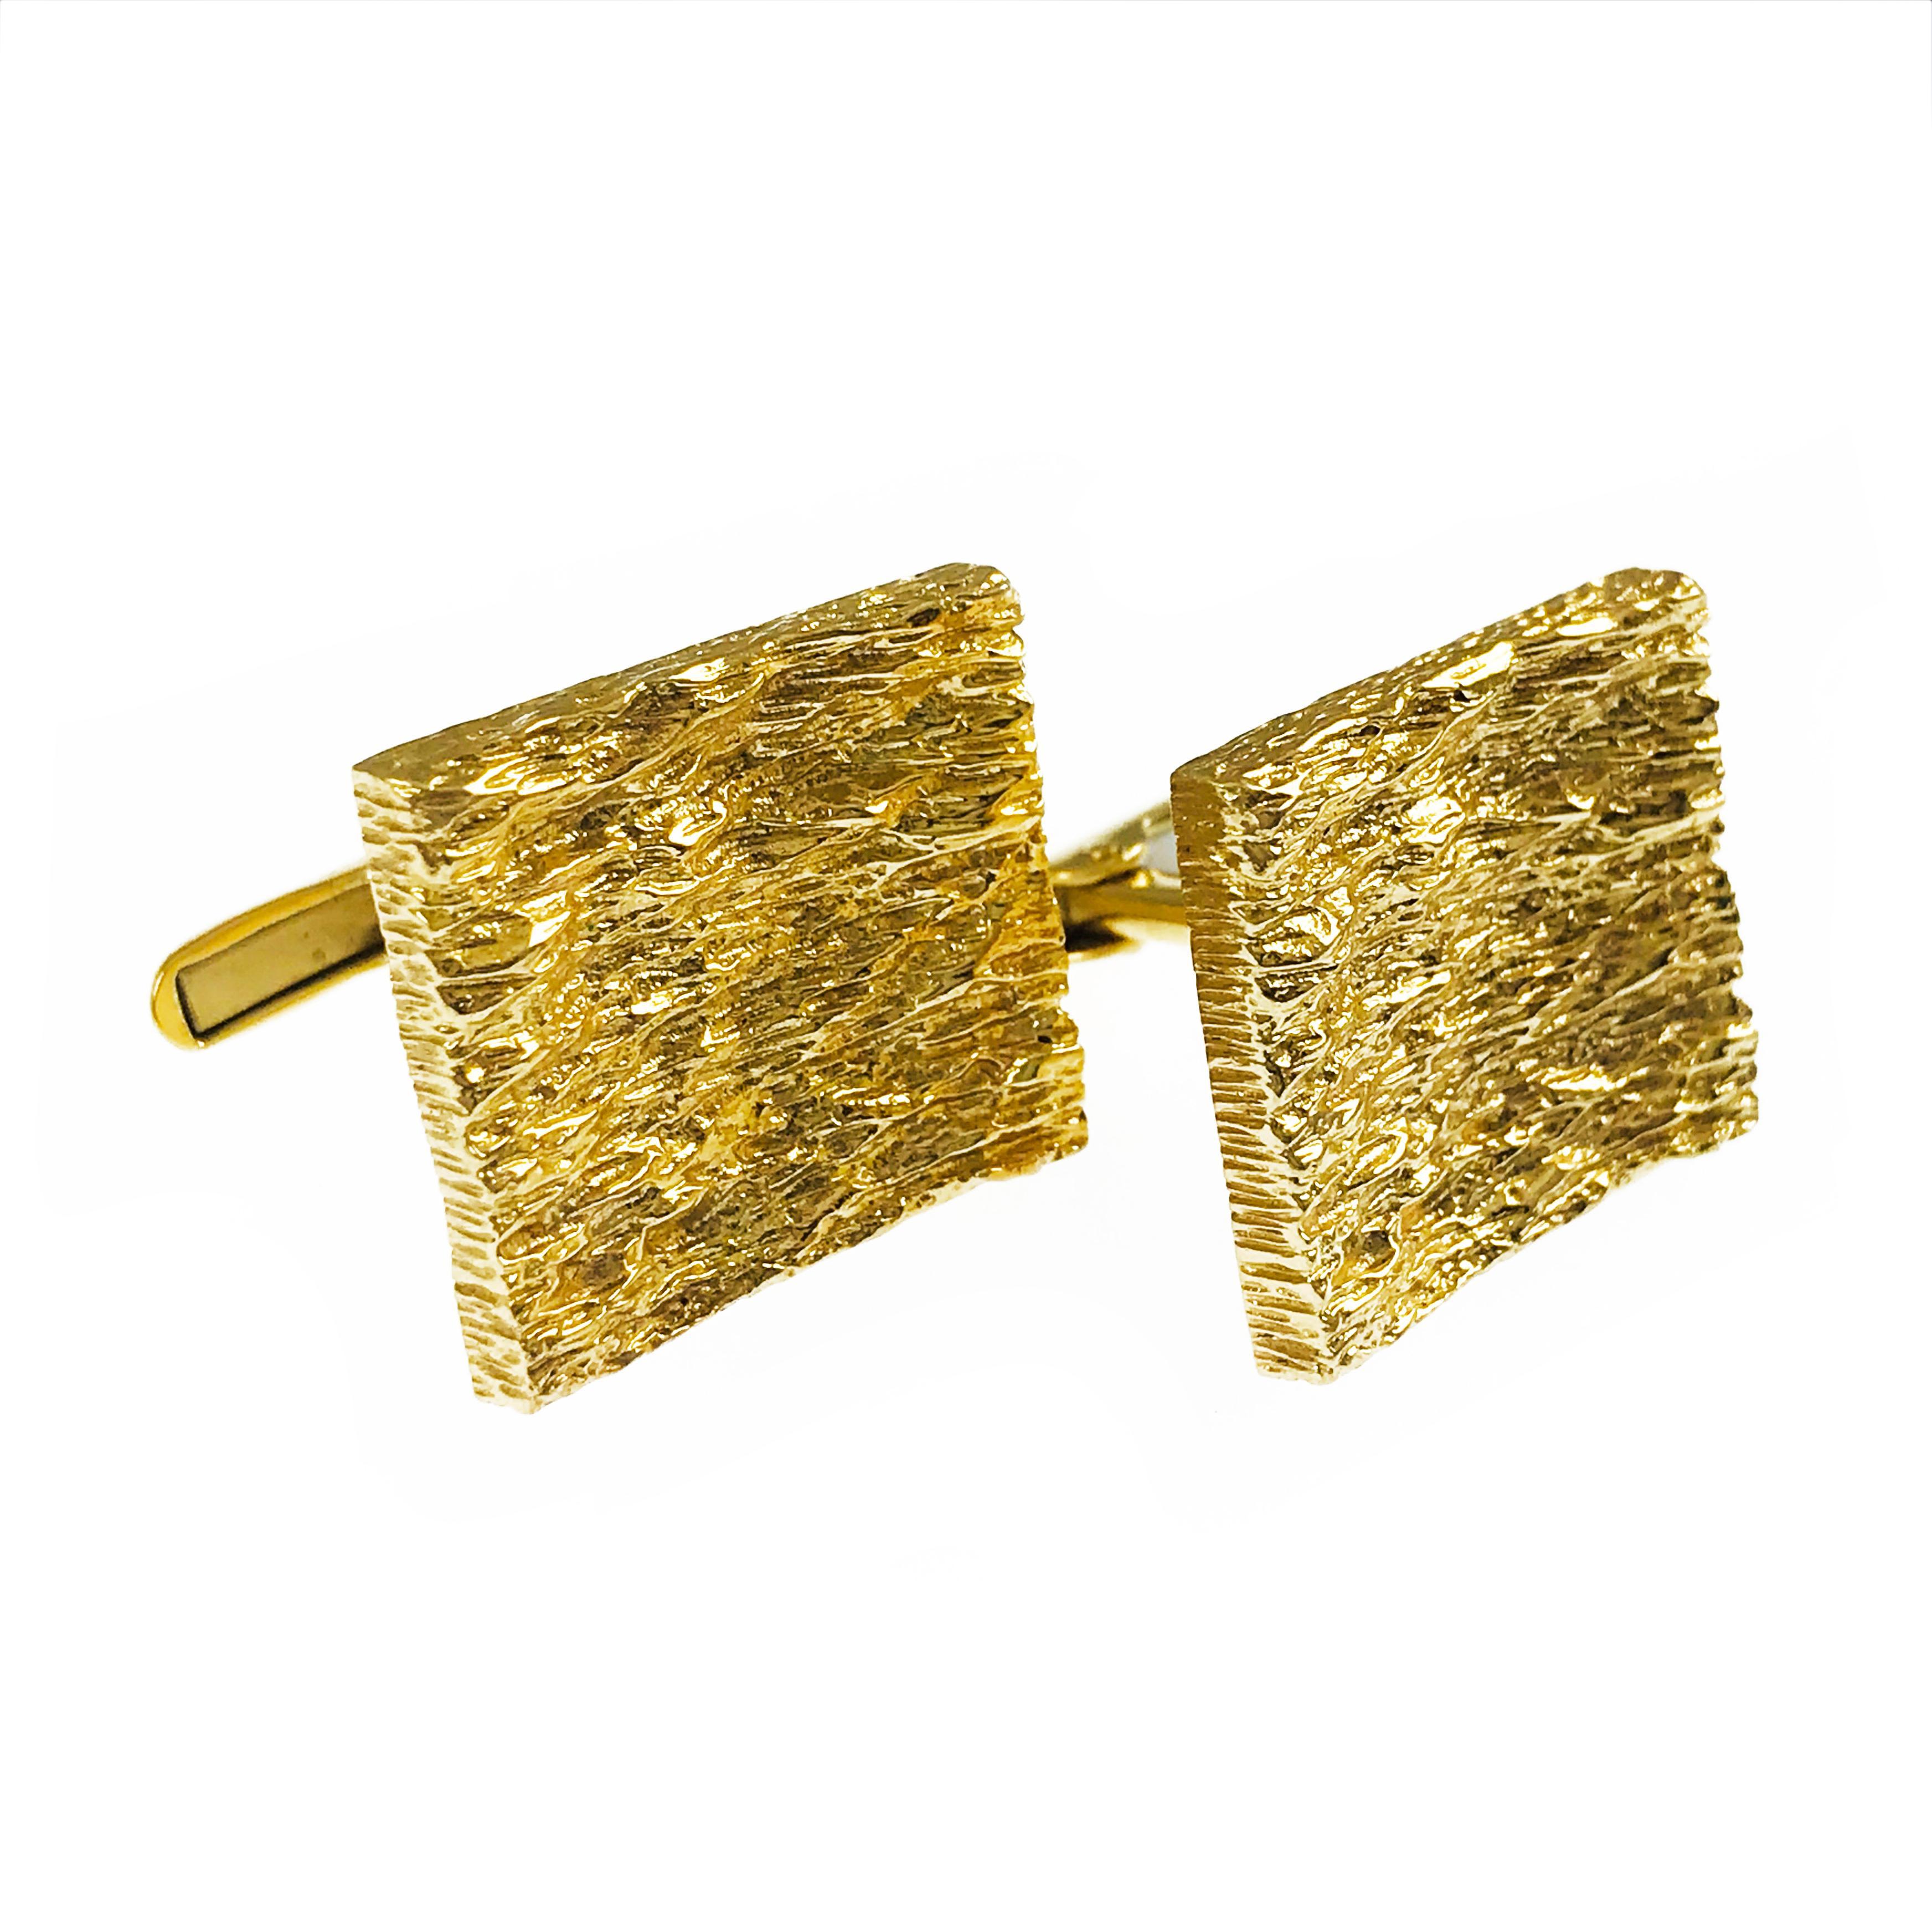 Rectangular 14 Karat Gold Cufflinks